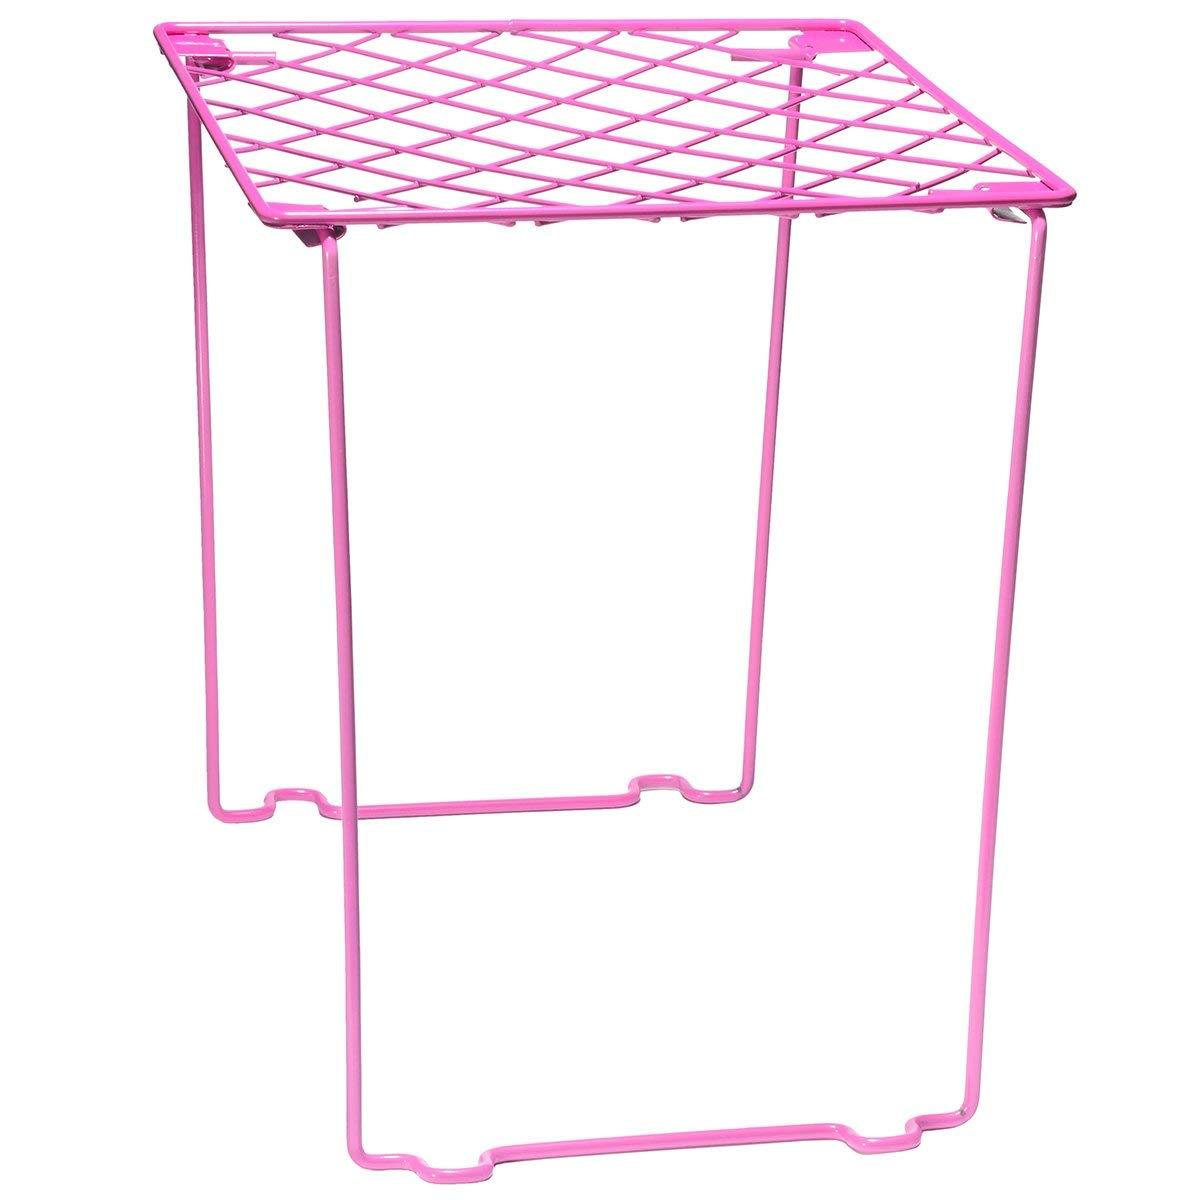 Style it! Stackable Locker Shelf by 3C4G